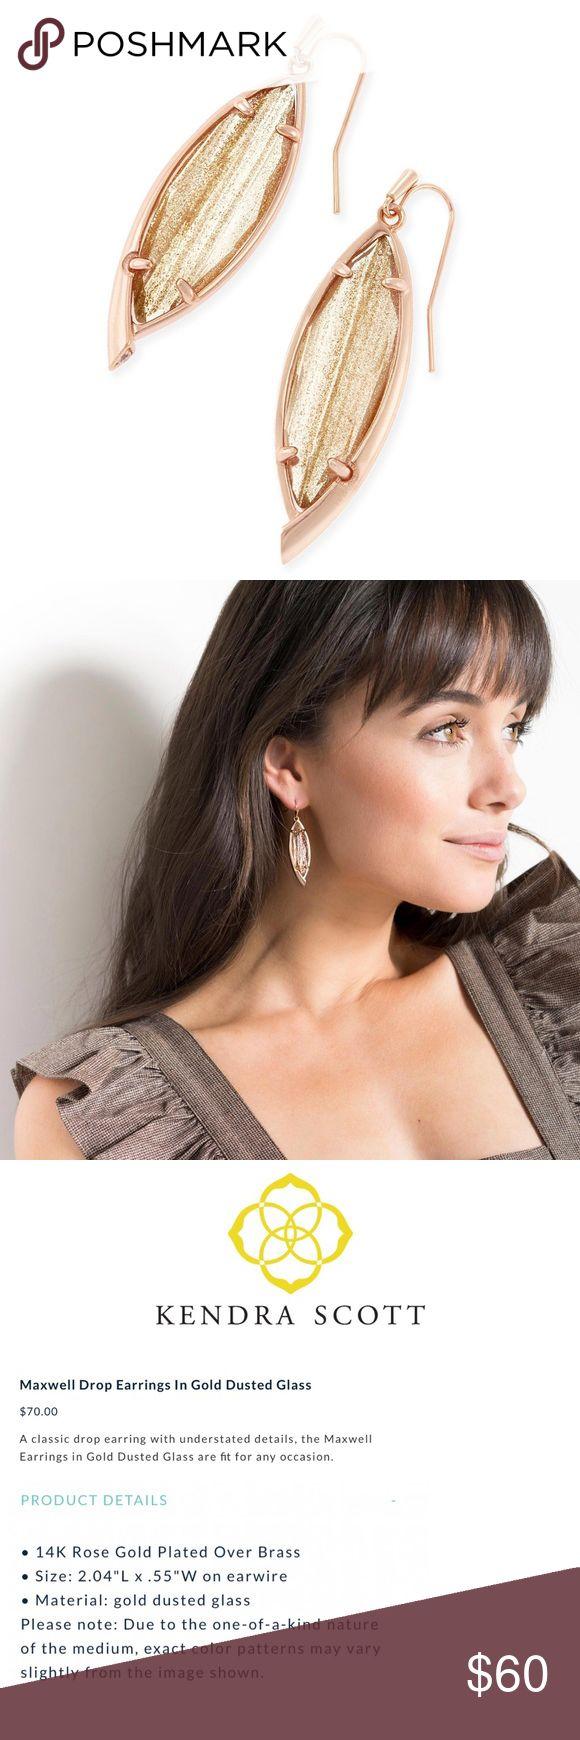 💋SALE. Kendra Scott Earrings Maxwell Drop. NWT Kendra Scott Jewelry Earrings